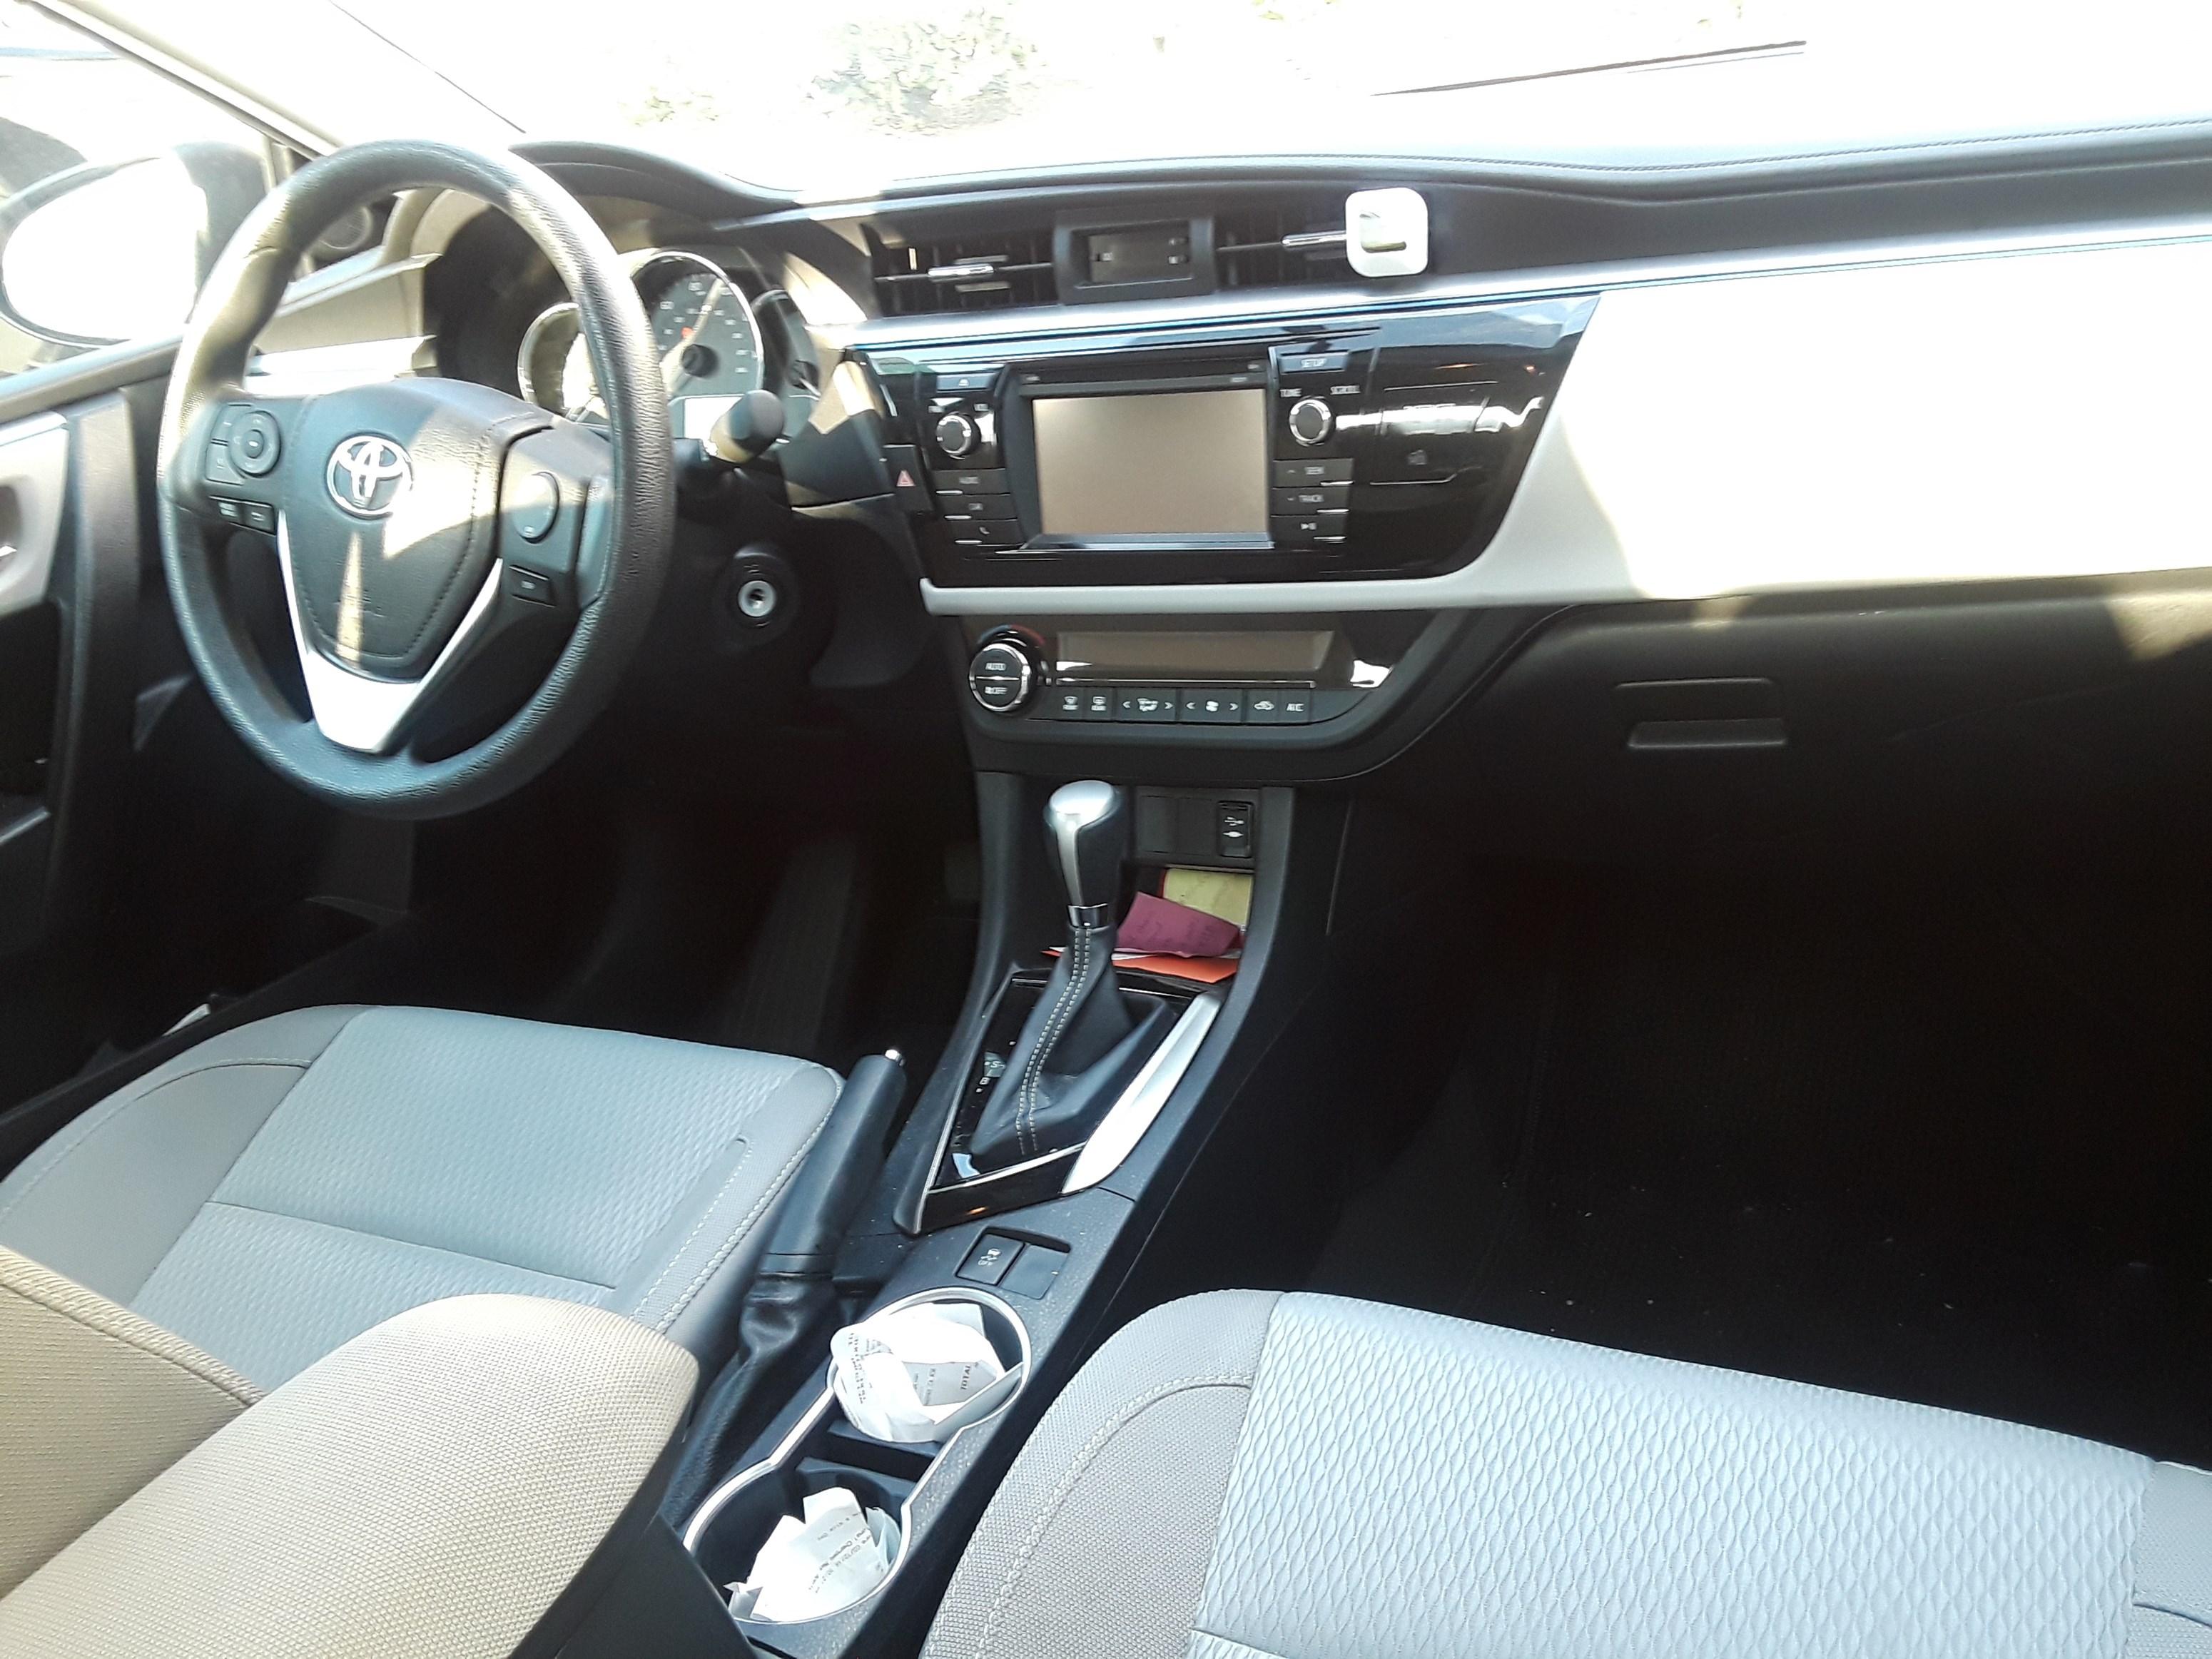 American Motors Brownsville Tn - impremedia.net